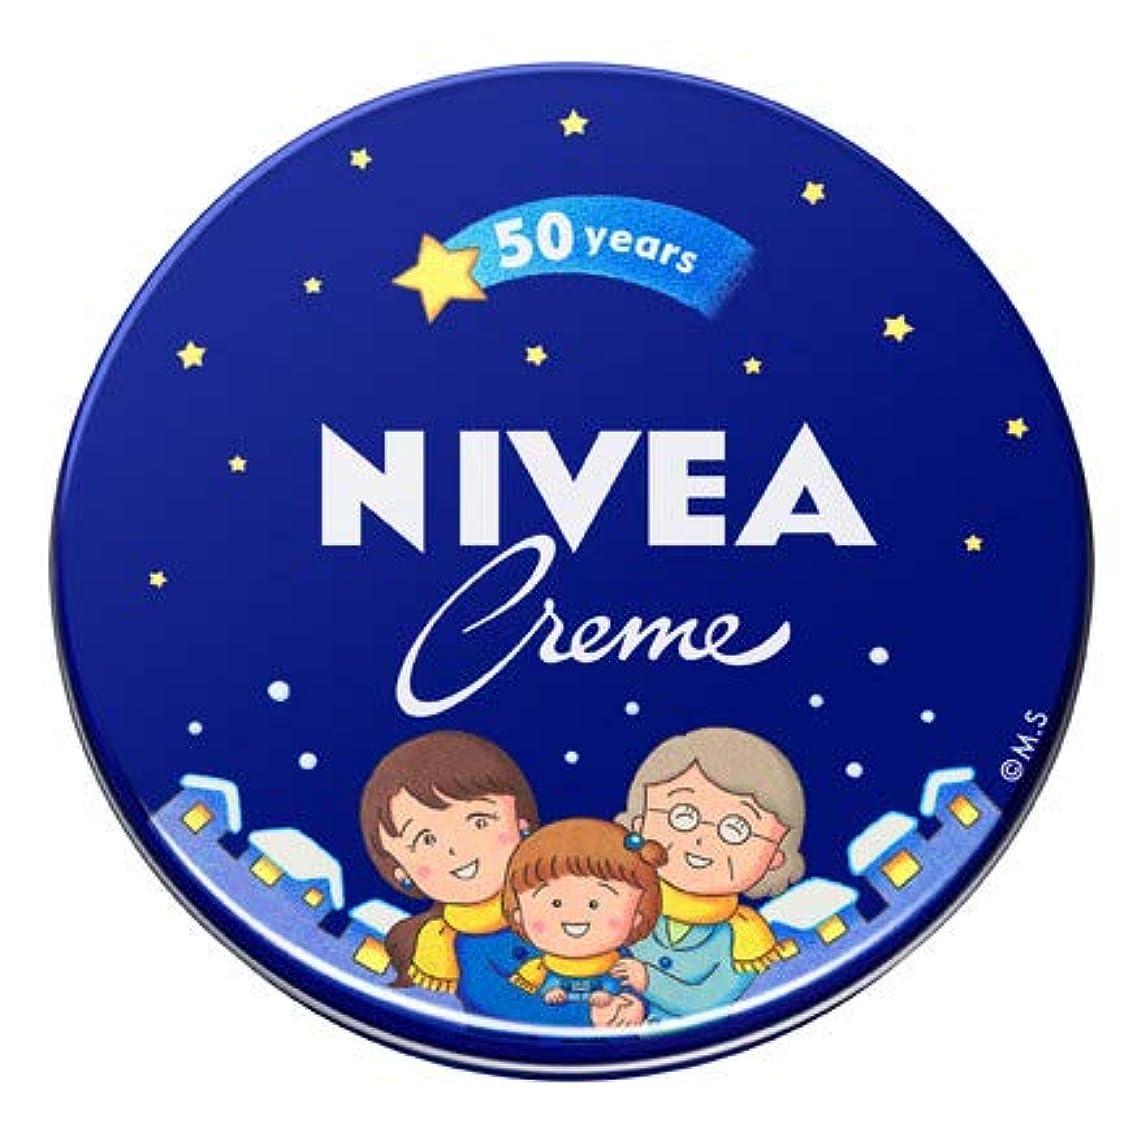 指導する血まみれ活気づけるNIVEA ニベアクリーム 中缶 56g さくらももこ限定デザイン